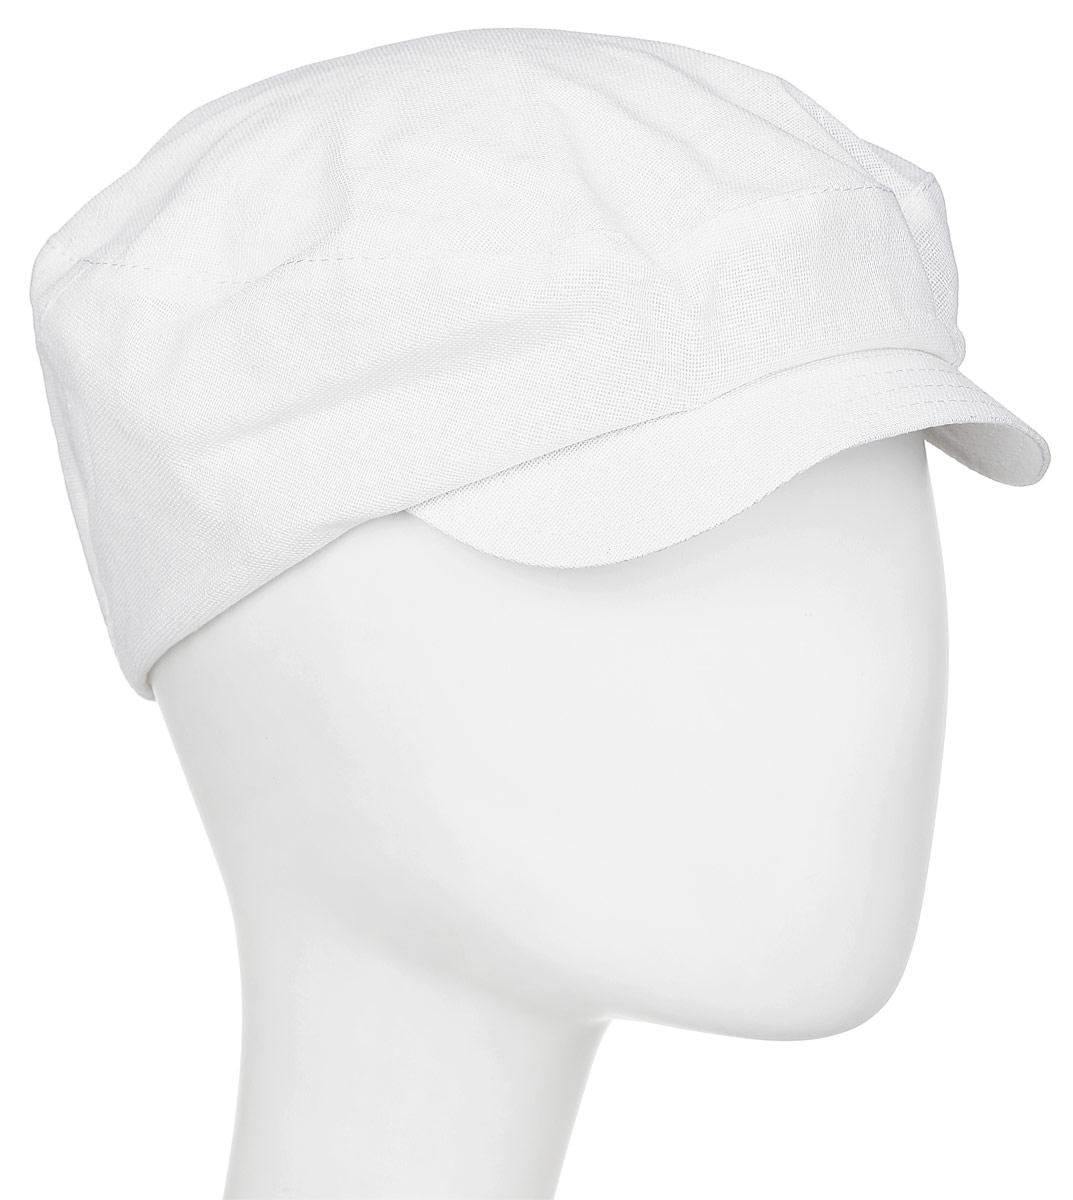 Кепка женская Level Pro, цвет: белый. 392675. Размер 56/58392675Кепка женская Level Pro изготовлена из качественного натурального льна. Ткань сзади собрана на внутреннюю резинку. У модели имеется небольшой мягкий козырек. С одного края кепка декорирована металлическими стразами. Размер, доступный для заказа, является обхватом головы.